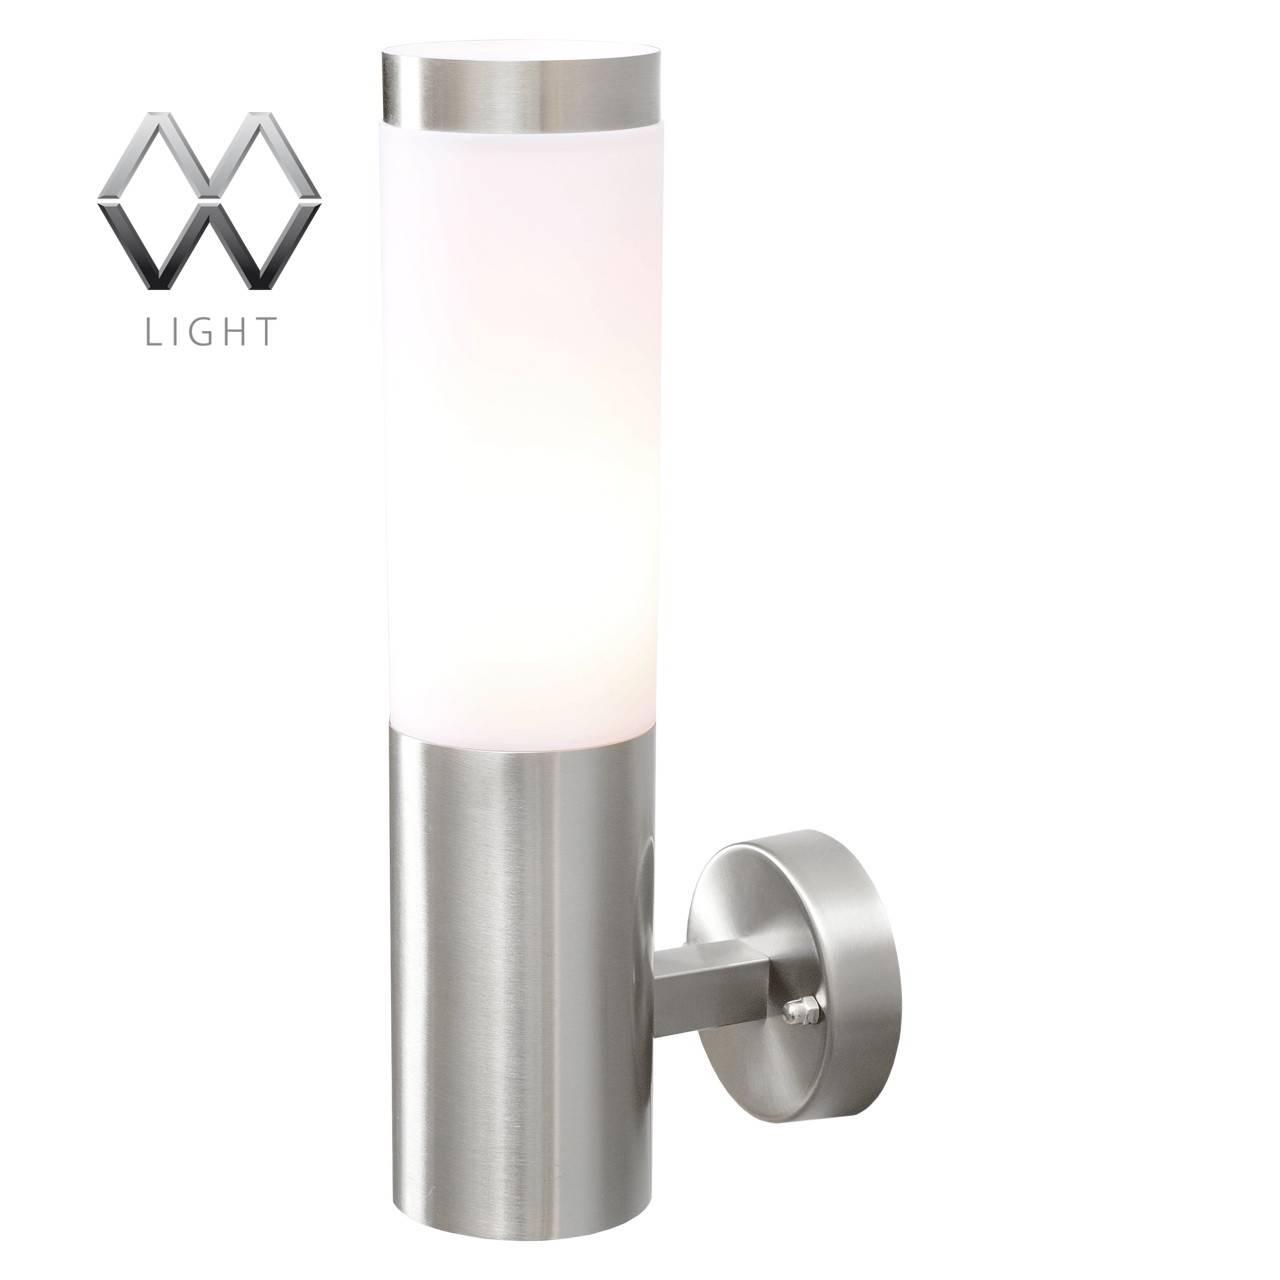 Настенно-потолочный светильник MW-Light, E27 mw light настенно потолочный светильник slv bena 631339